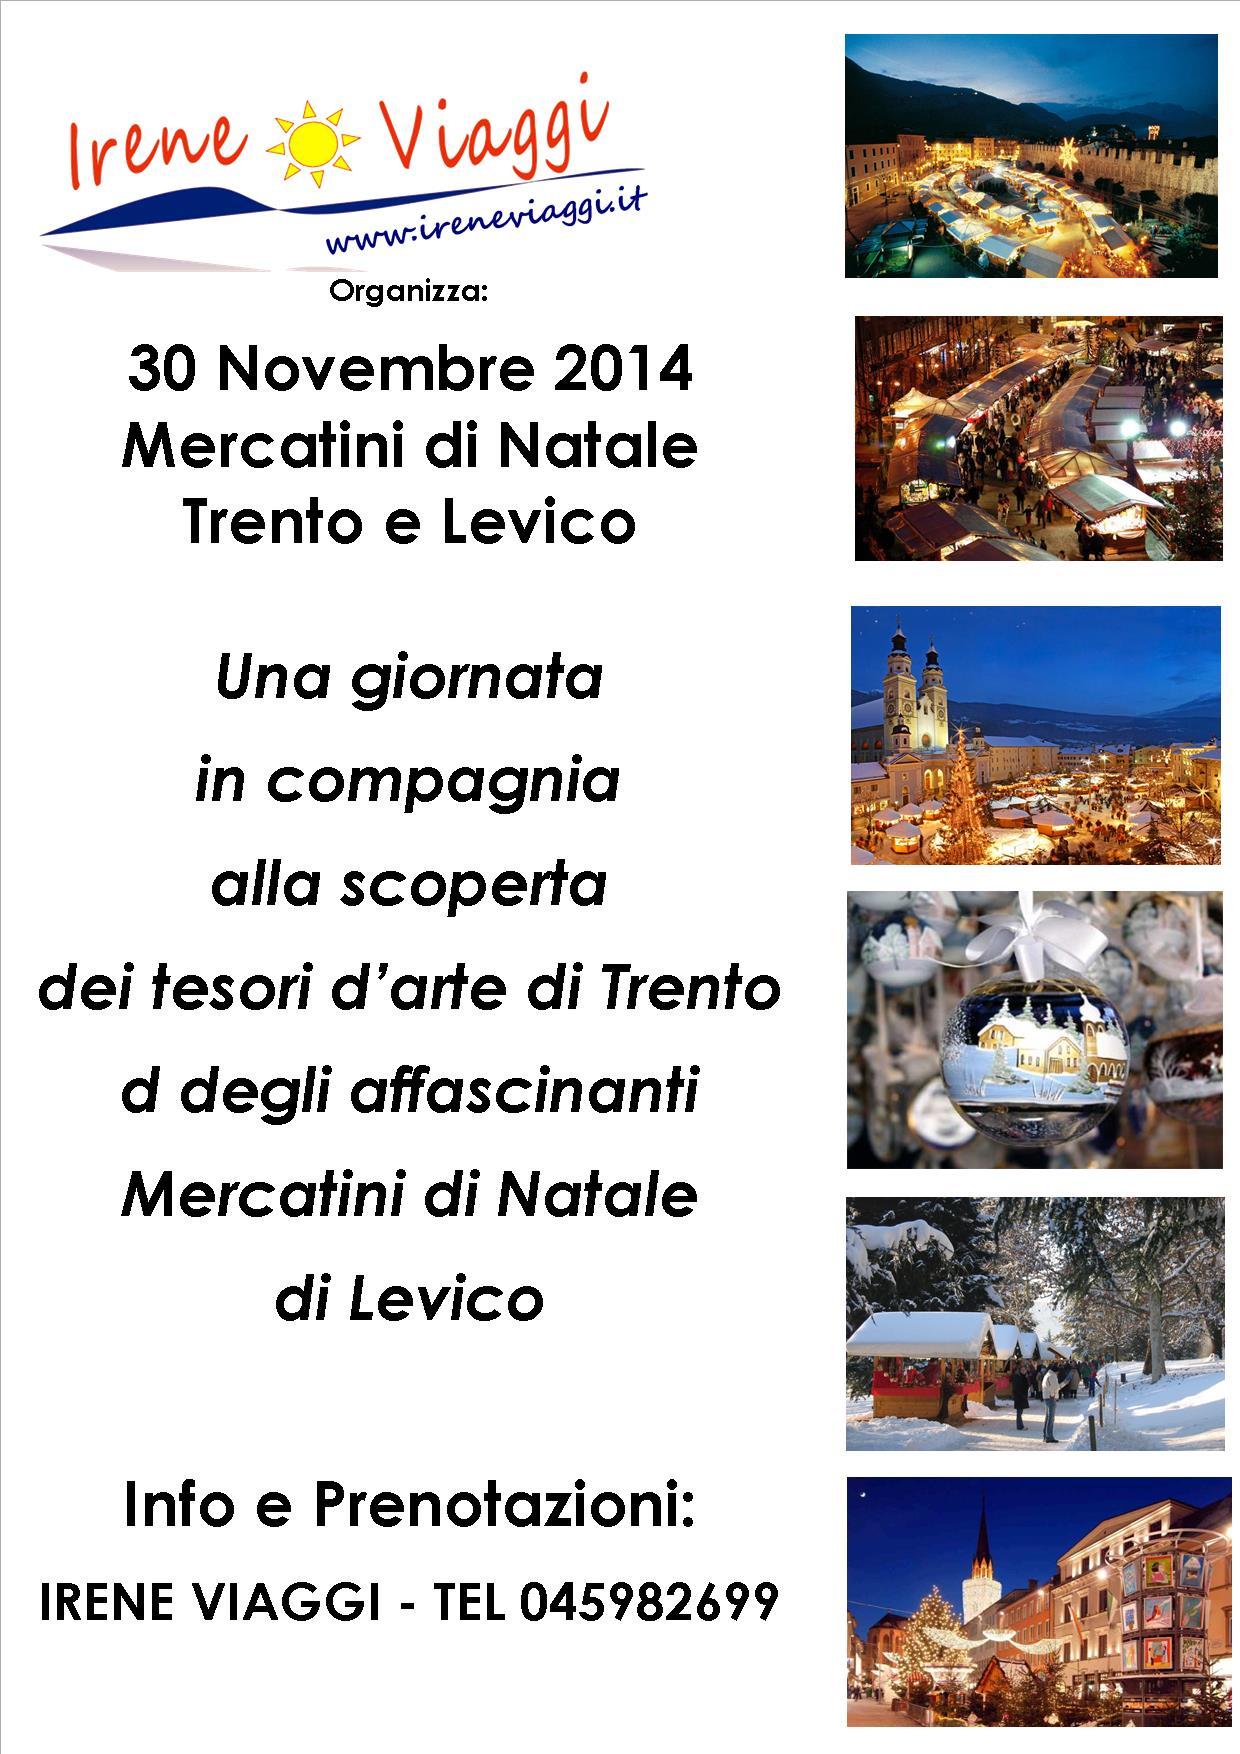 Mercatini di Natale a Trento e Levico